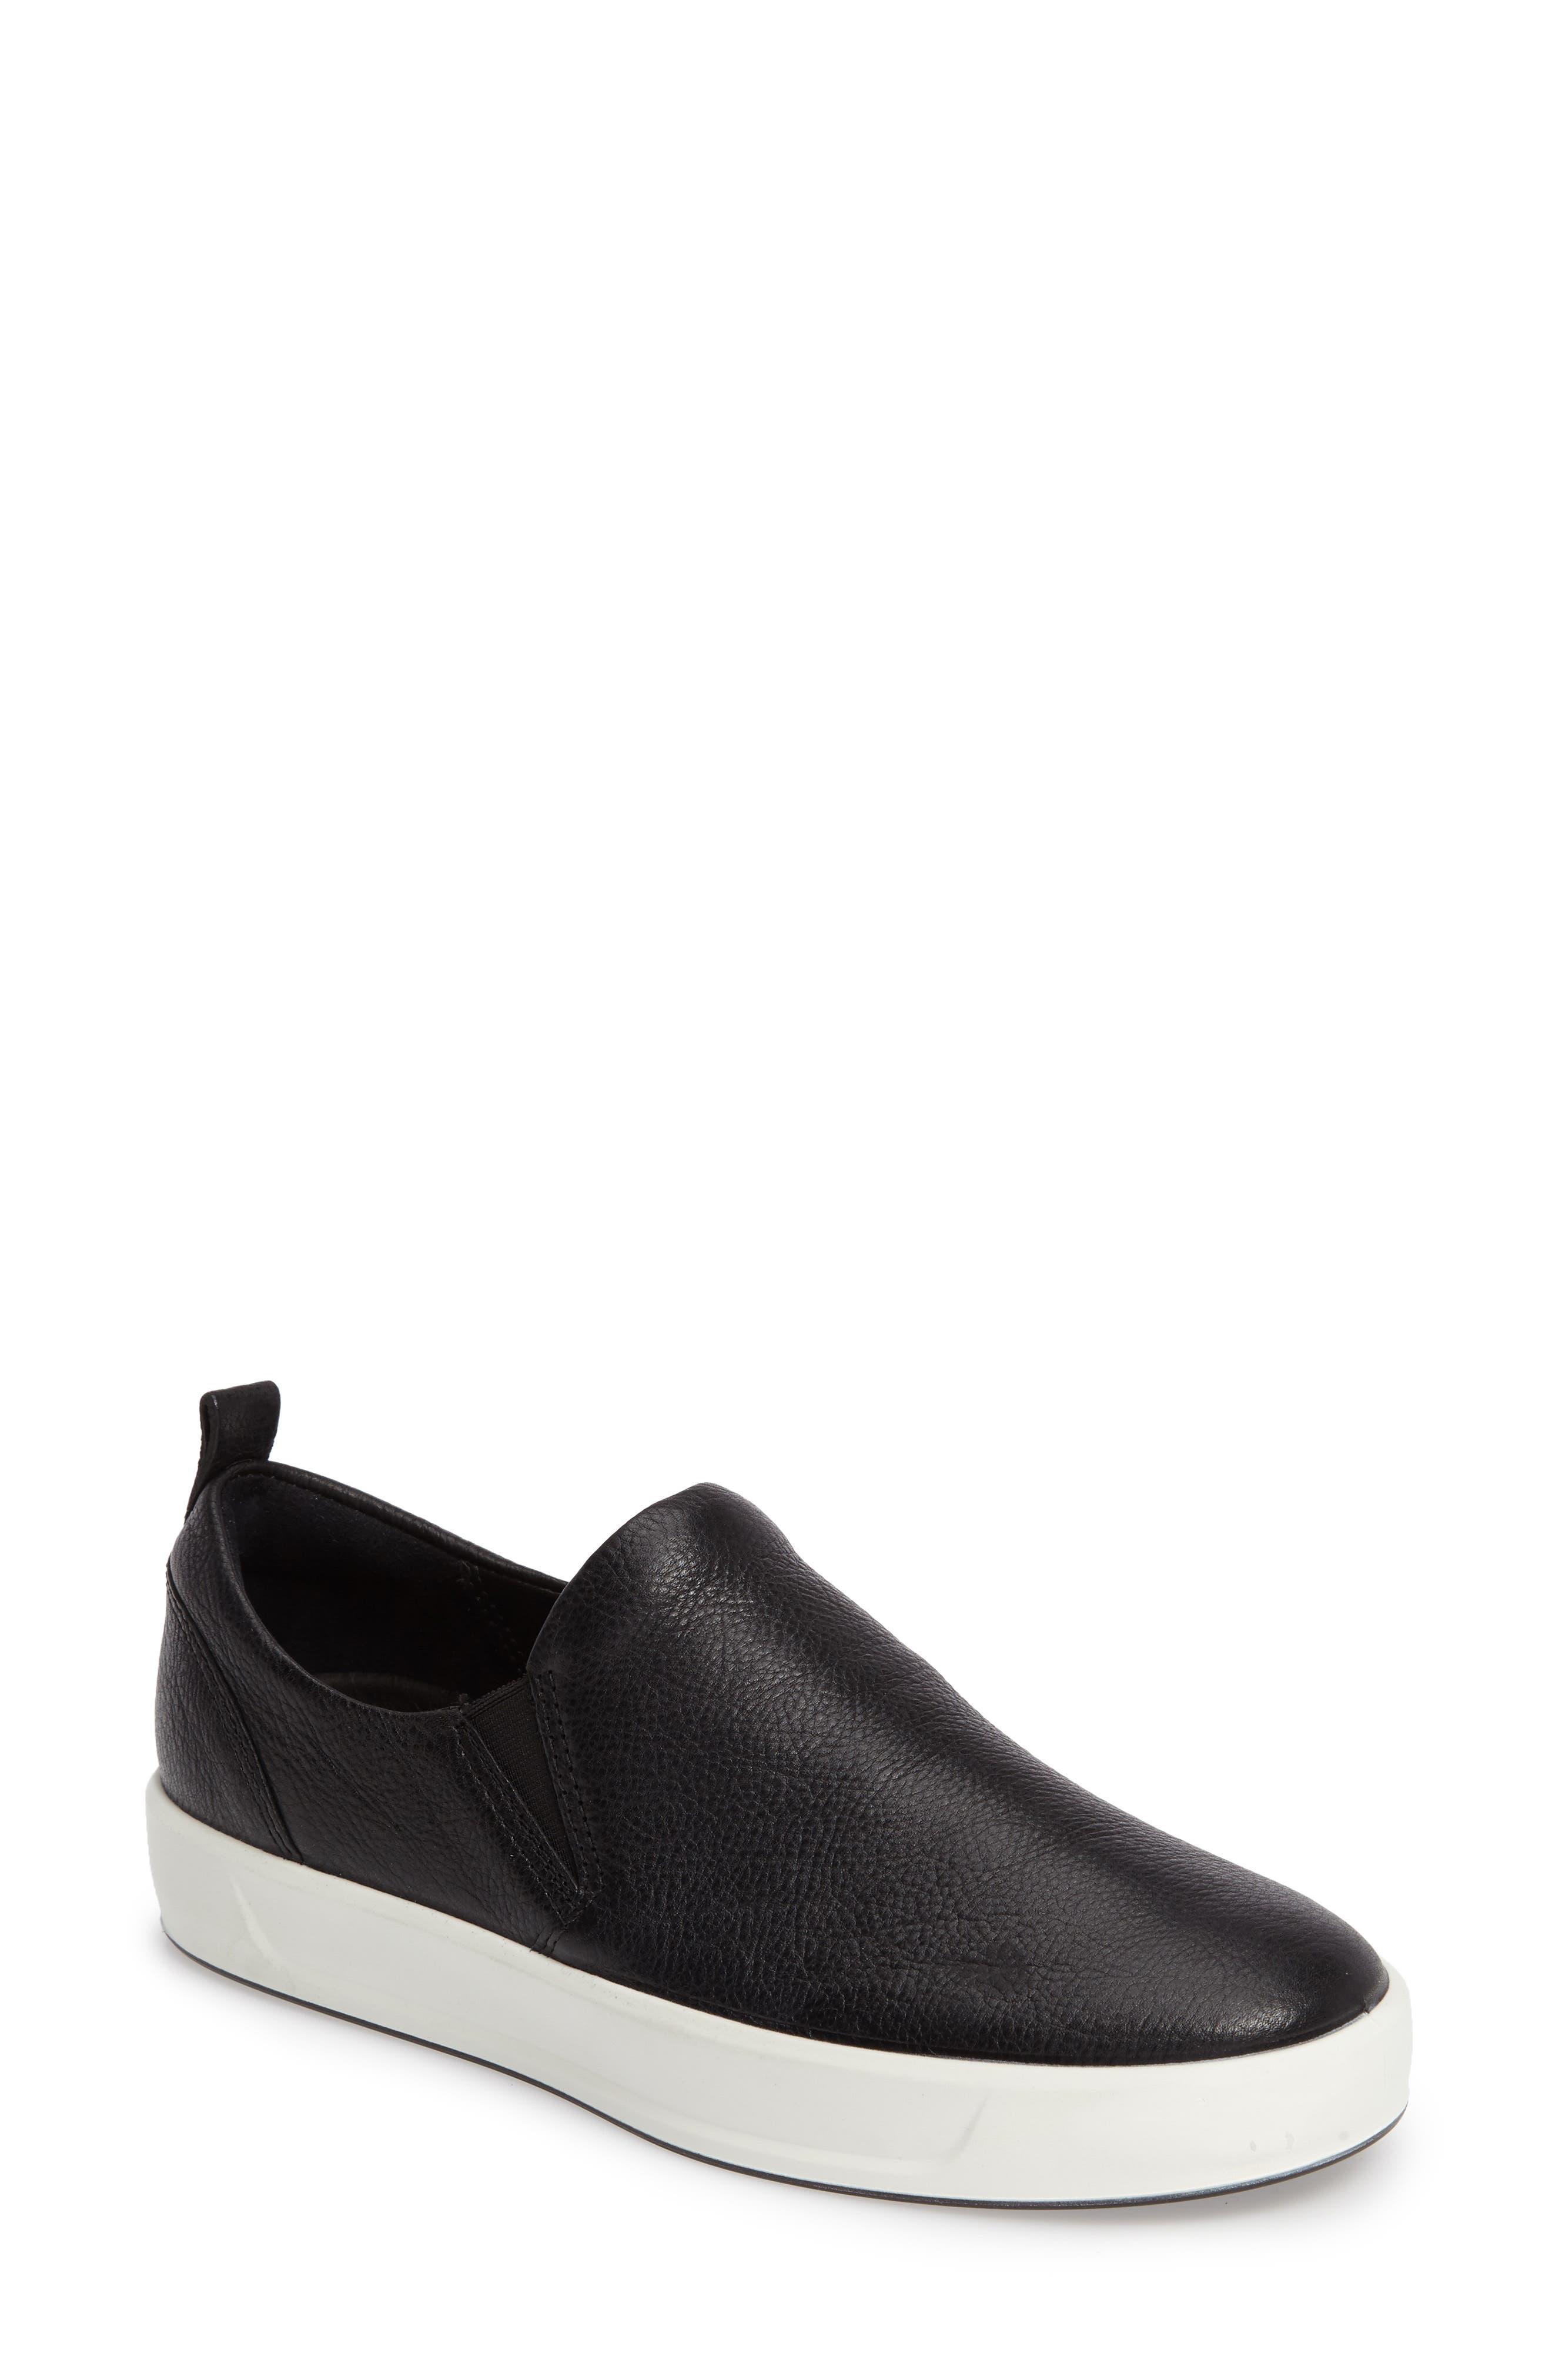 Alternate Image 1 Selected - ECCO Soft 8 Slip-On Sneaker (Women)